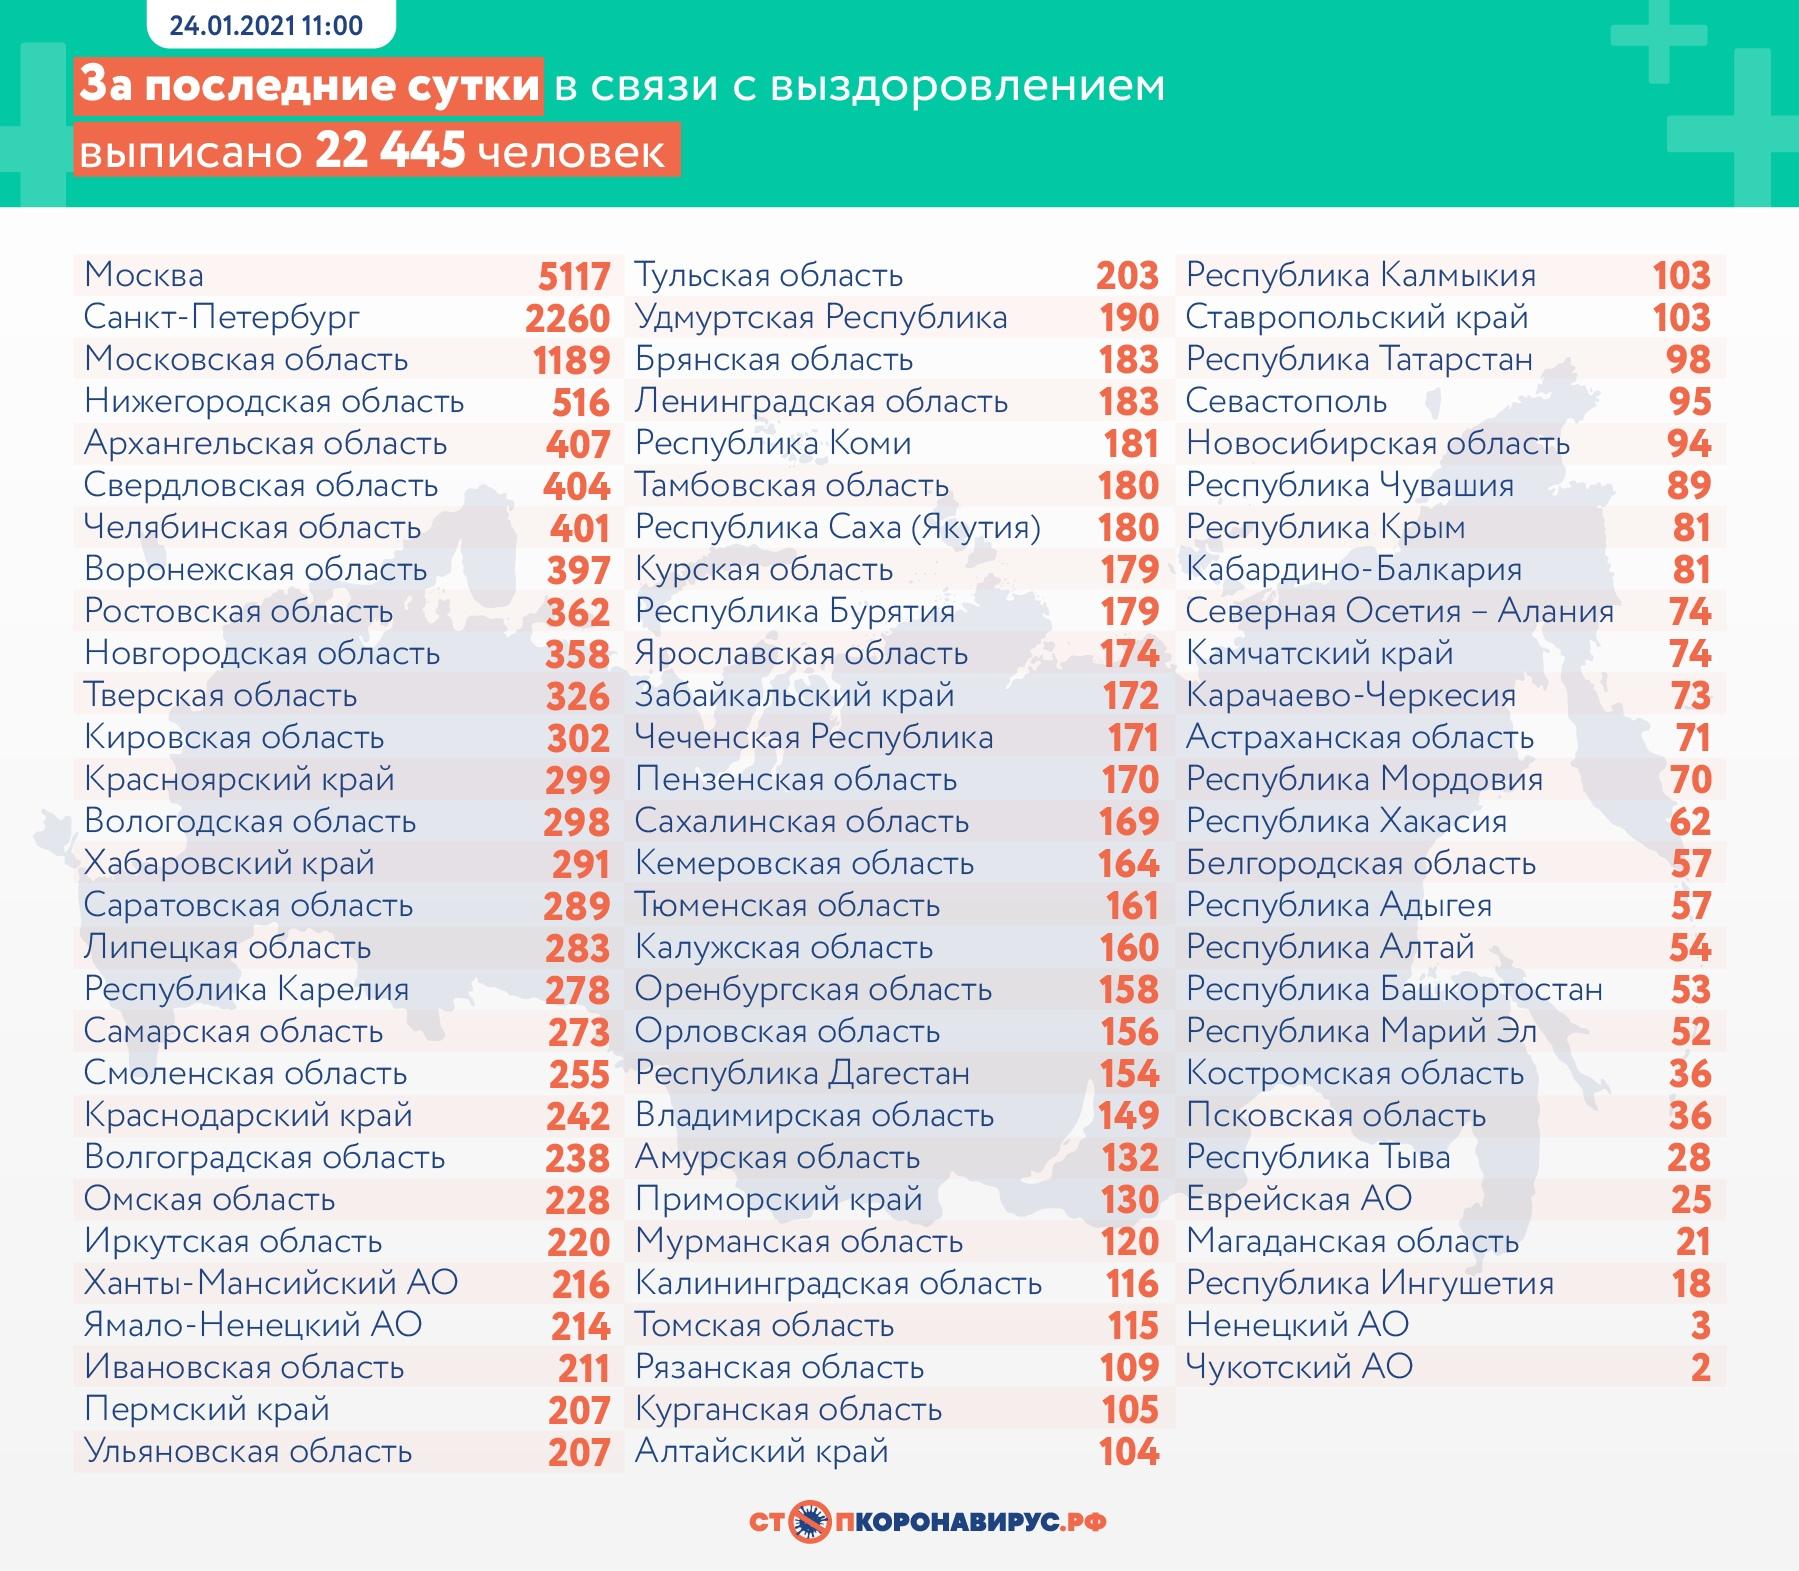 За последние сутки в России выявлено 21 127 случаев COVID-19 в 85 регионах, из них 2 306 (10,9%) — активно у контактных лиц без клинических проявлений болезни.